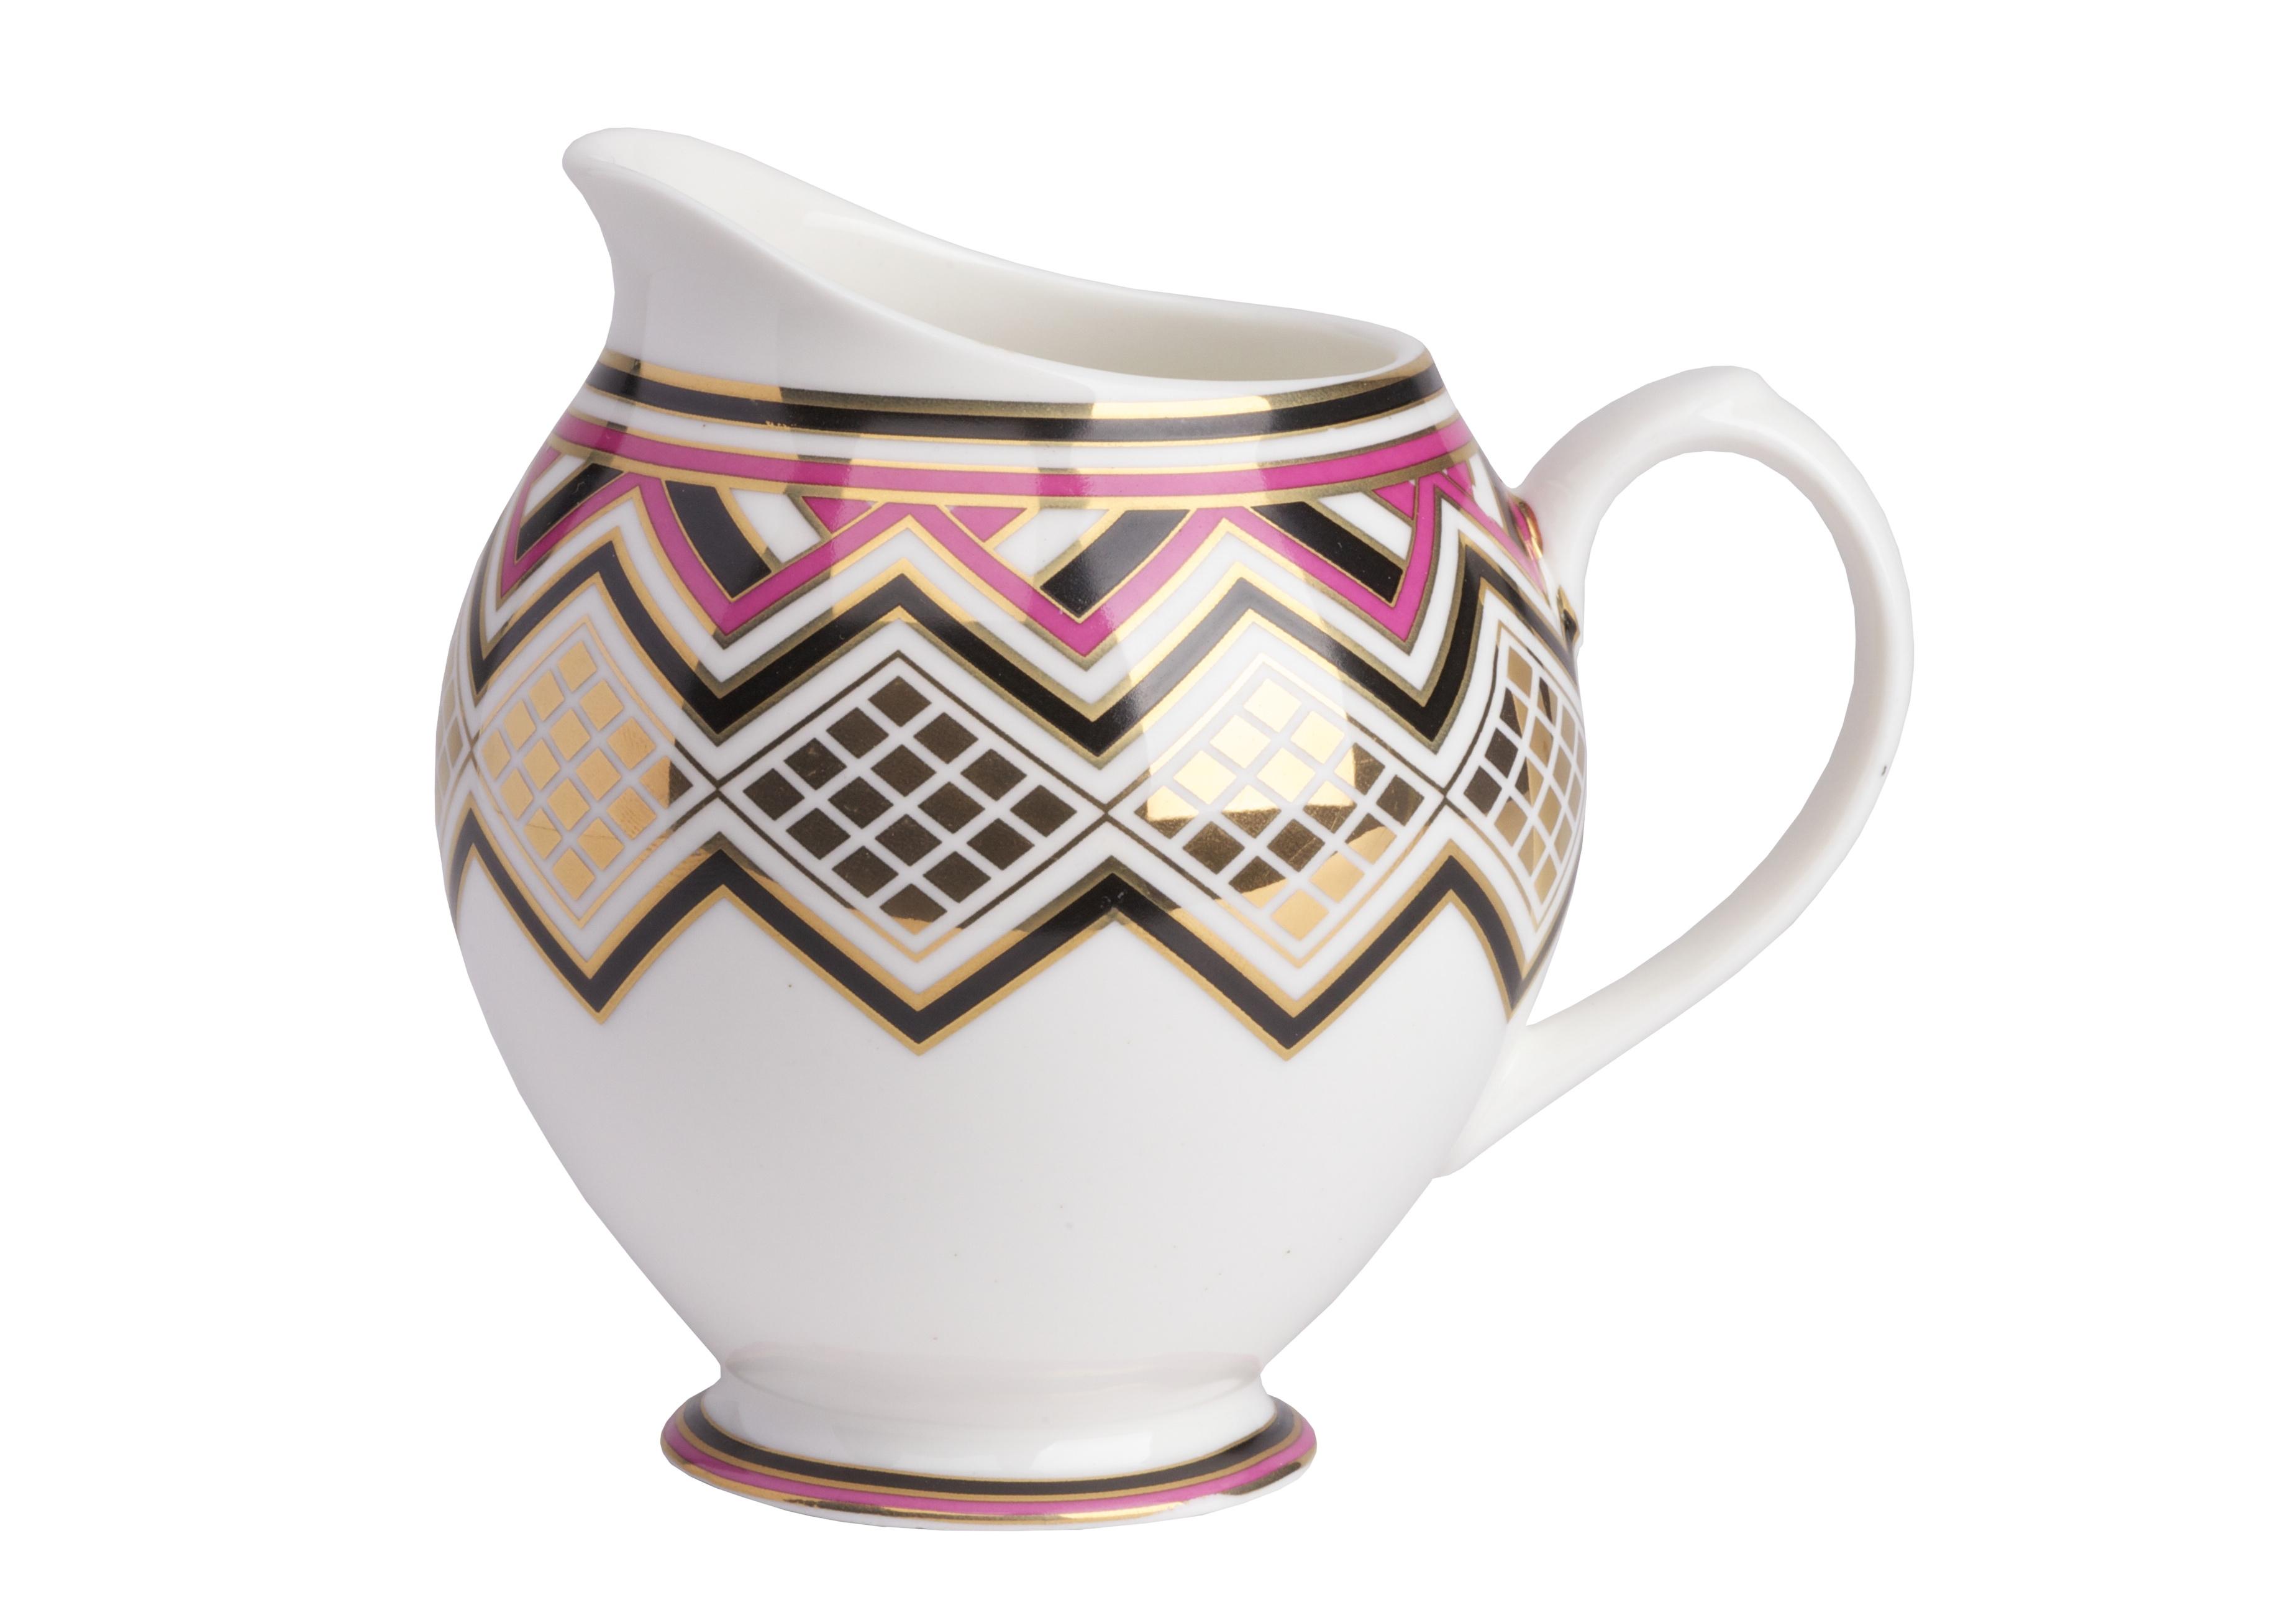 Молочник ExoticКофейники и молочники<br>Керамический молочник декорирован в современном стиле,  строгим геометрическим орнаментом, прорисованный яркими красками.  Декор красиво согласован с формой молочника. Молочник можно приобрести отдельно, а также  совместно с другими предметами коллекции.<br><br>Material: Керамика<br>Width см: 10.5<br>Depth см: 9.6<br>Height см: 14